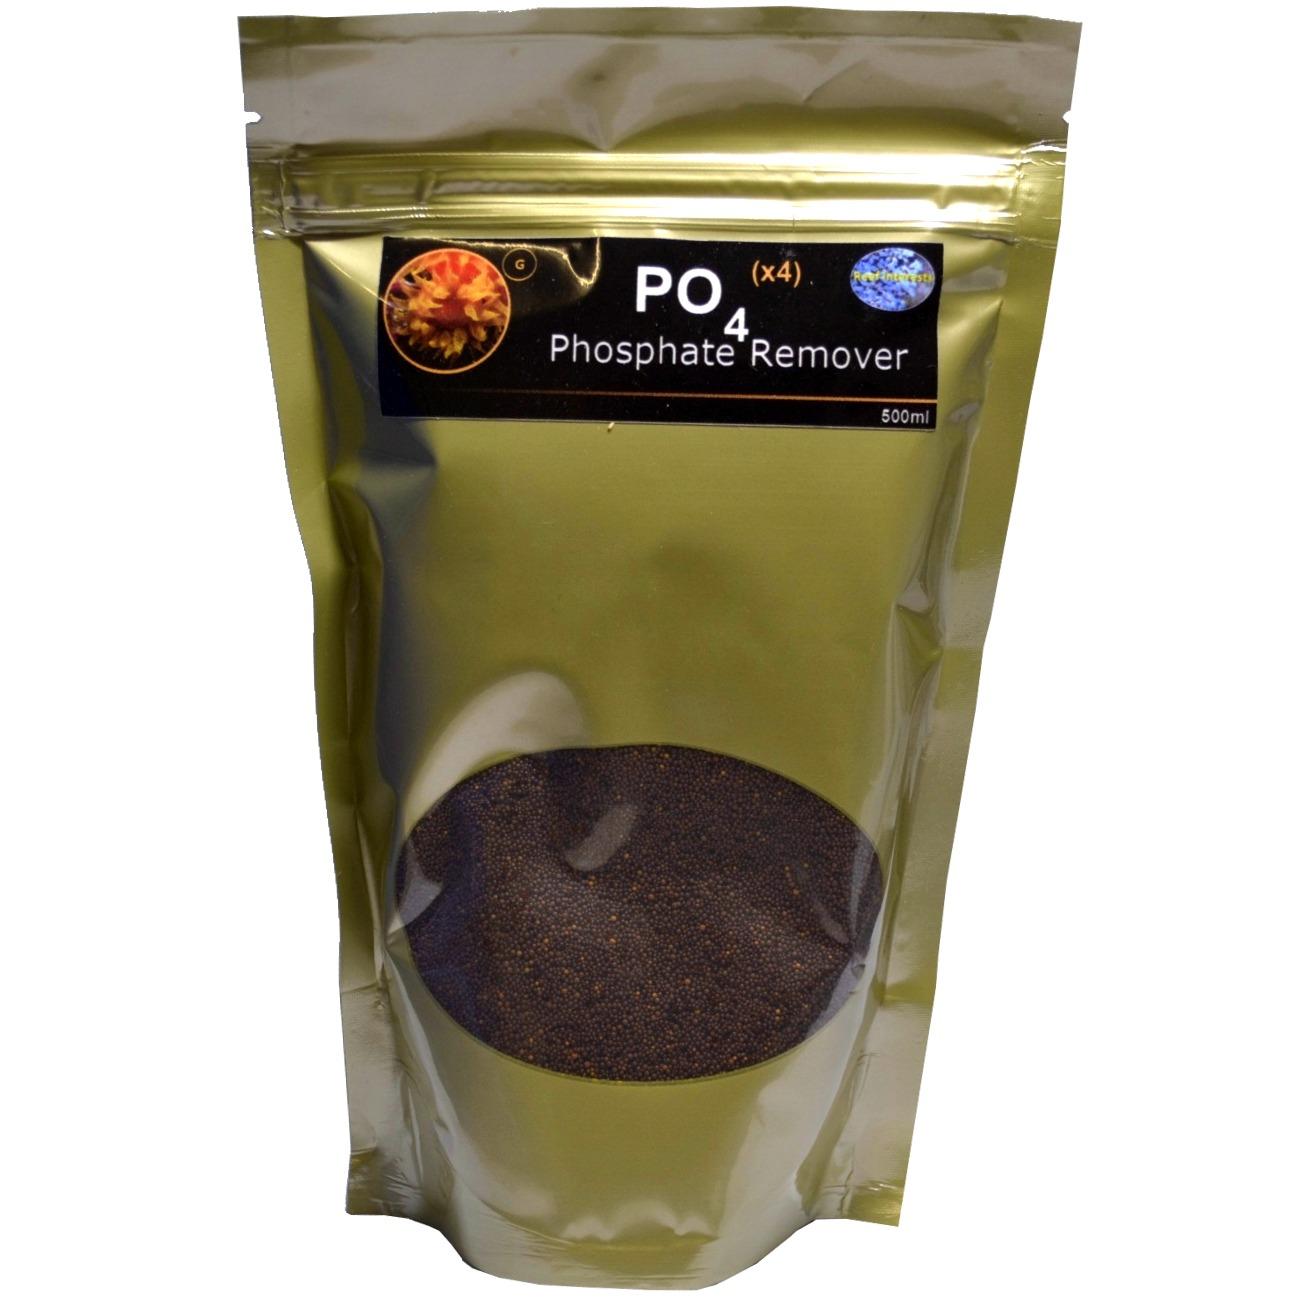 DVH IMPORT PO4 (x4) 500 ml résine anti-phosphates et silicates pour aquarium